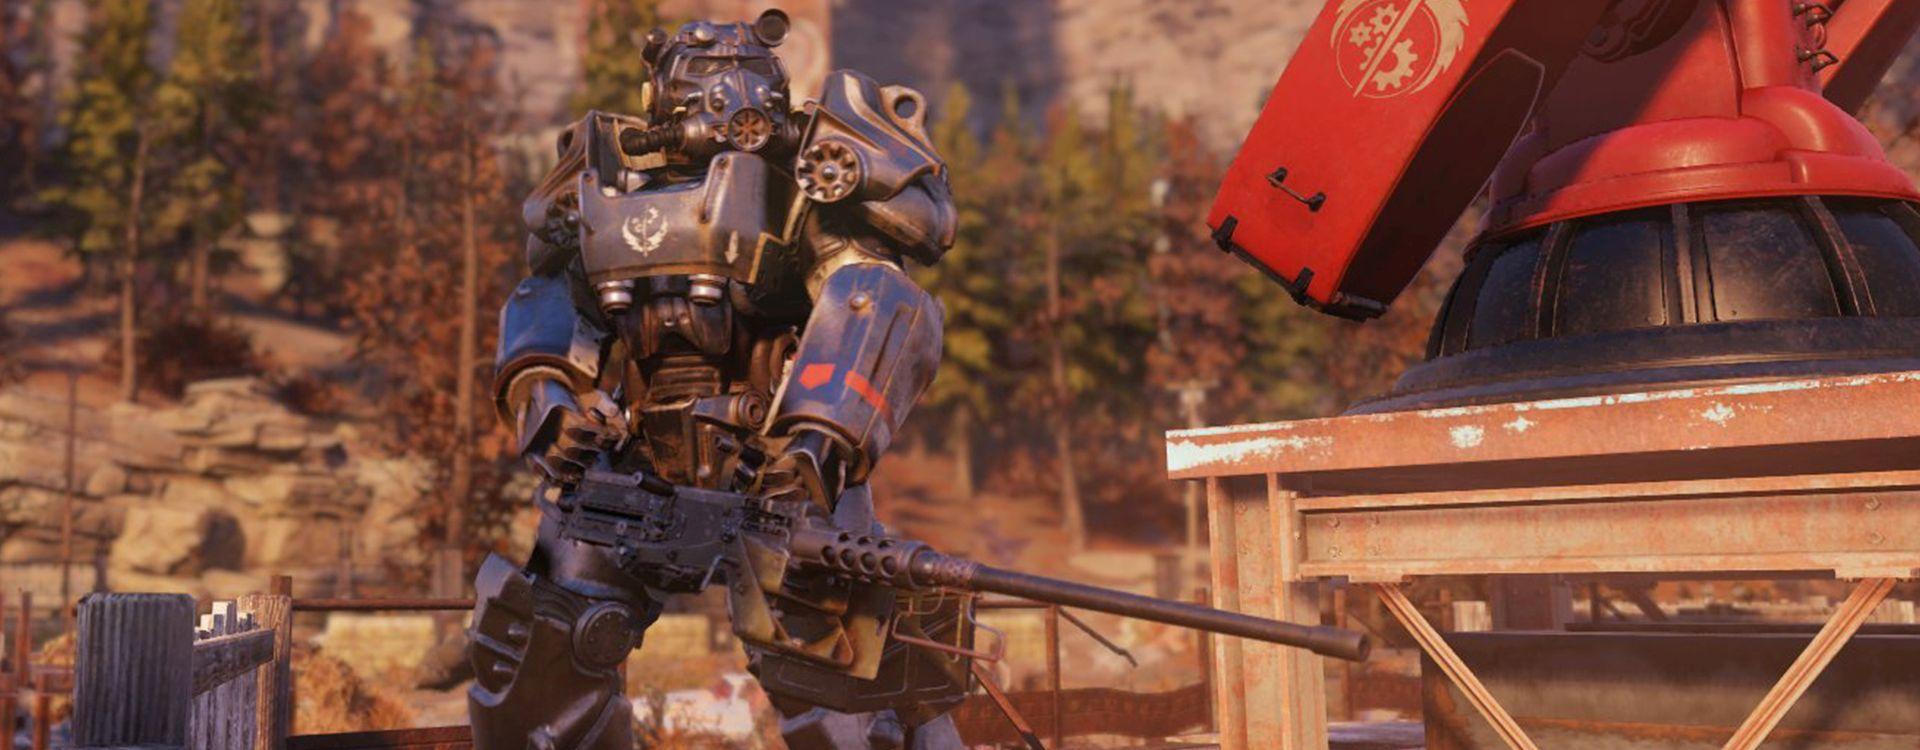 Fallout 76: So findet Ihr die Stählerne Bruderschaft und andere Fraktionen